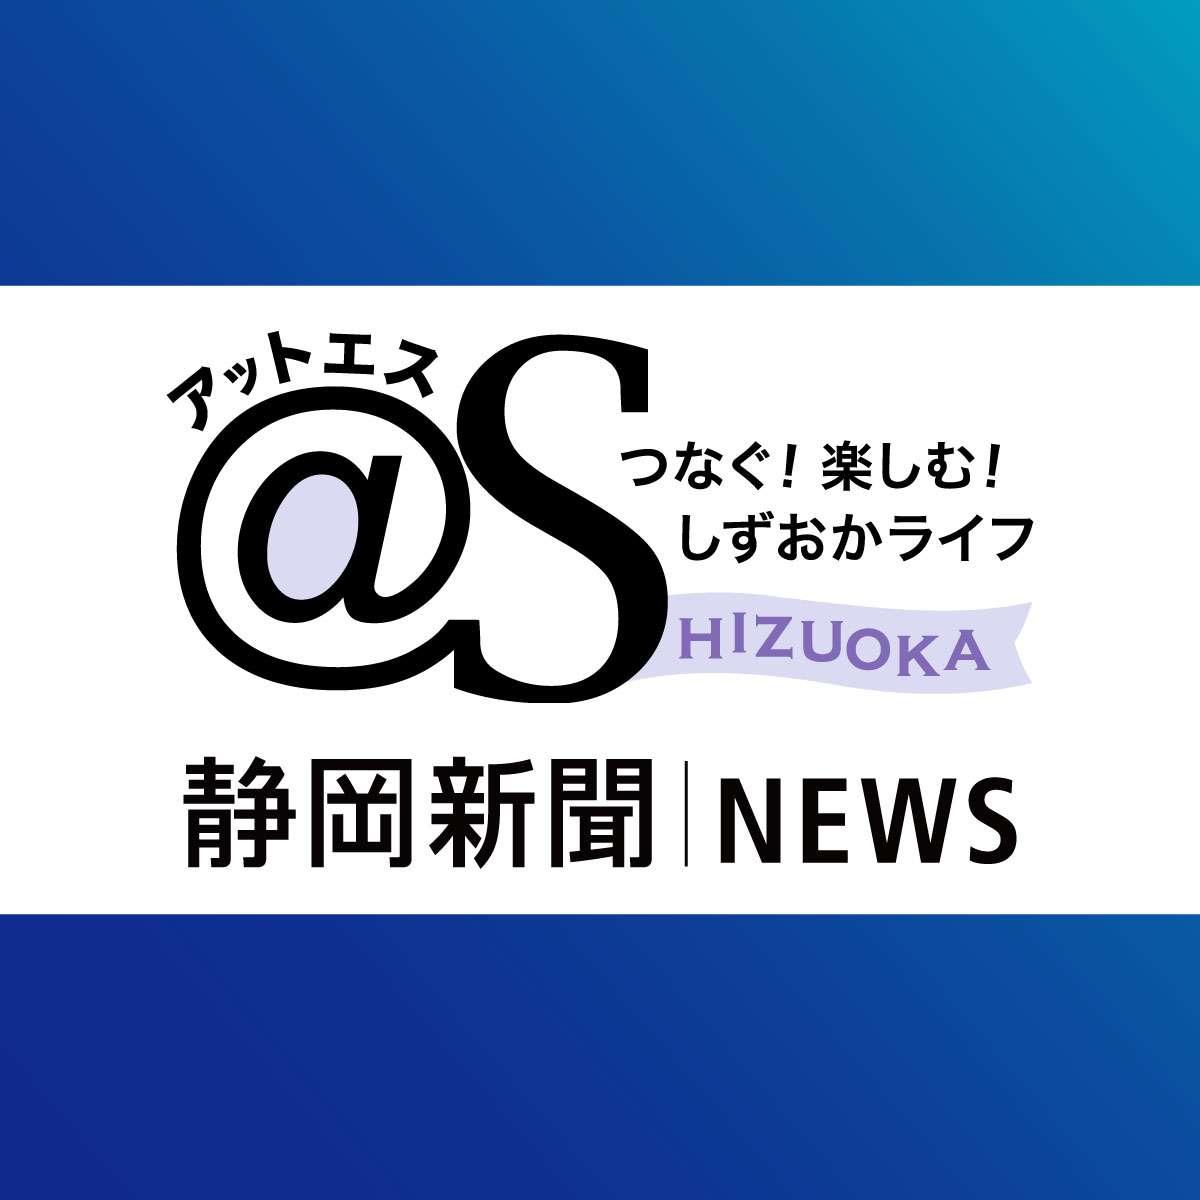 生演奏「著作権侵害」 JASRAC、静岡の飲食店提訴 静岡新聞アットエス